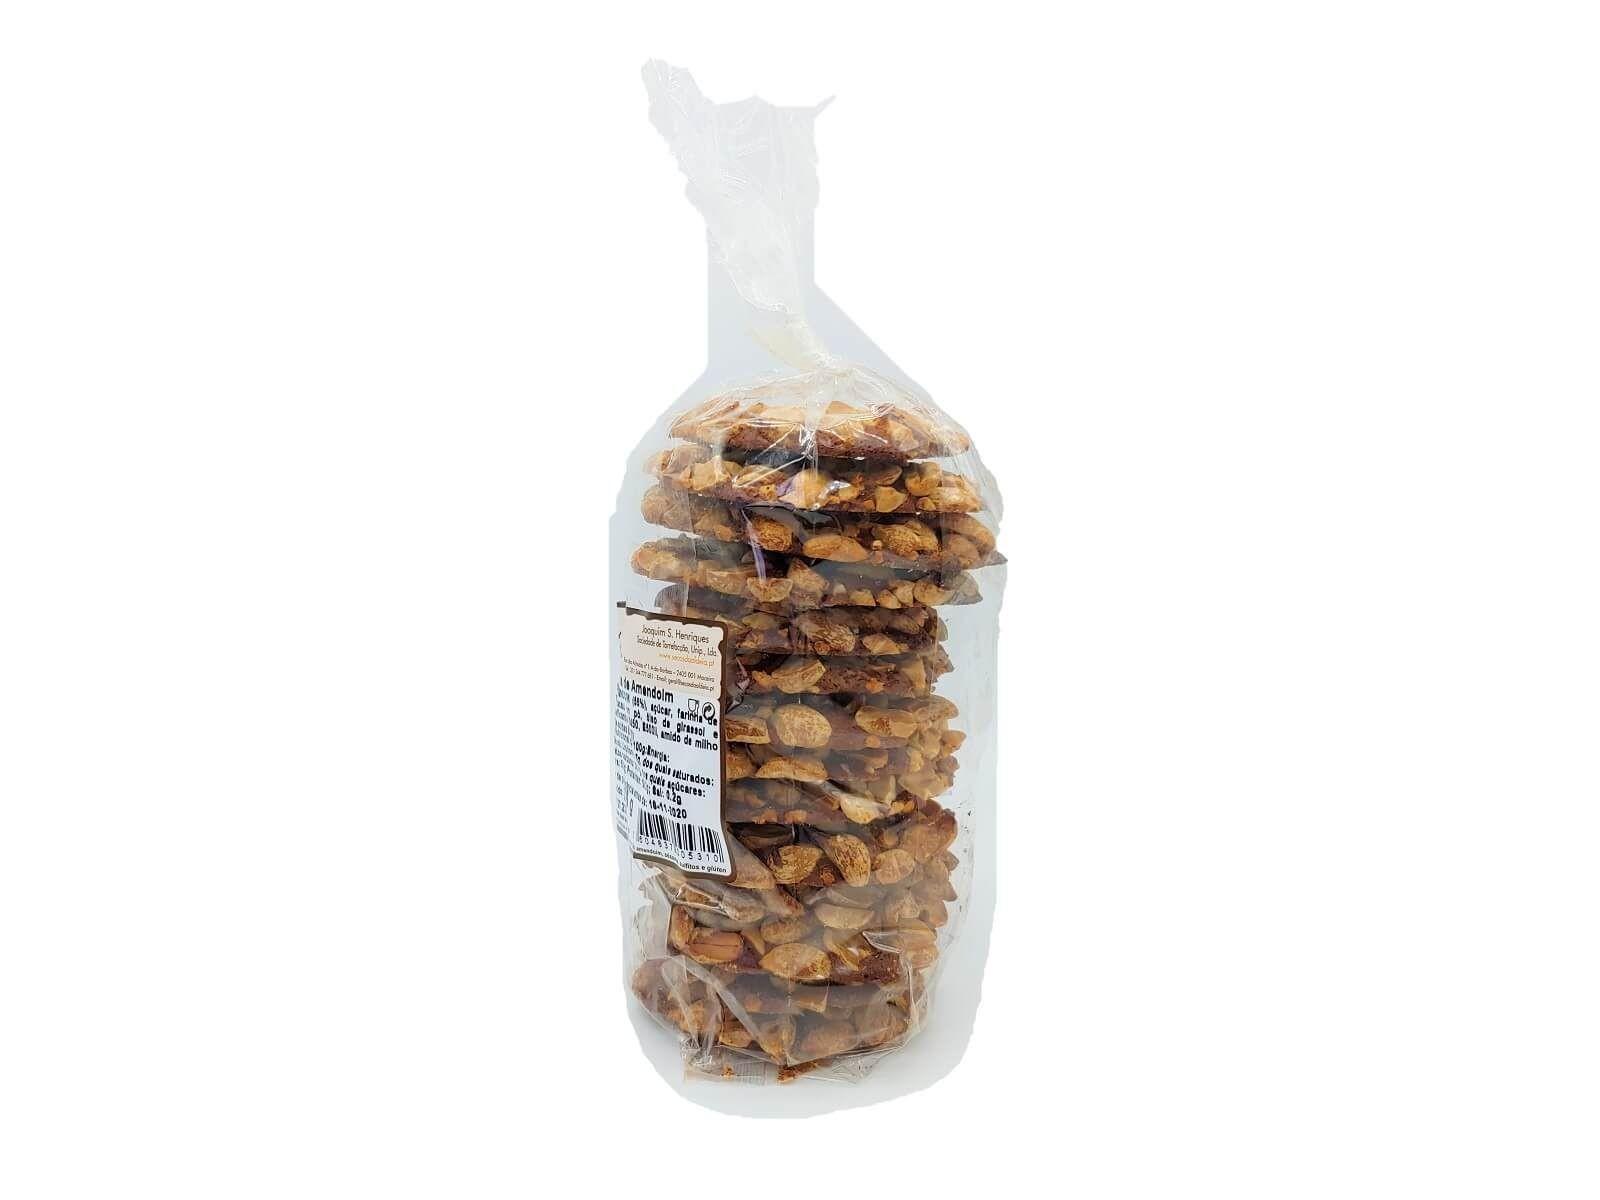 CHÁS DO MUNDO ® - Bolachas de Cacau com Amendoim Quantidade: 275grs (1 pacote)